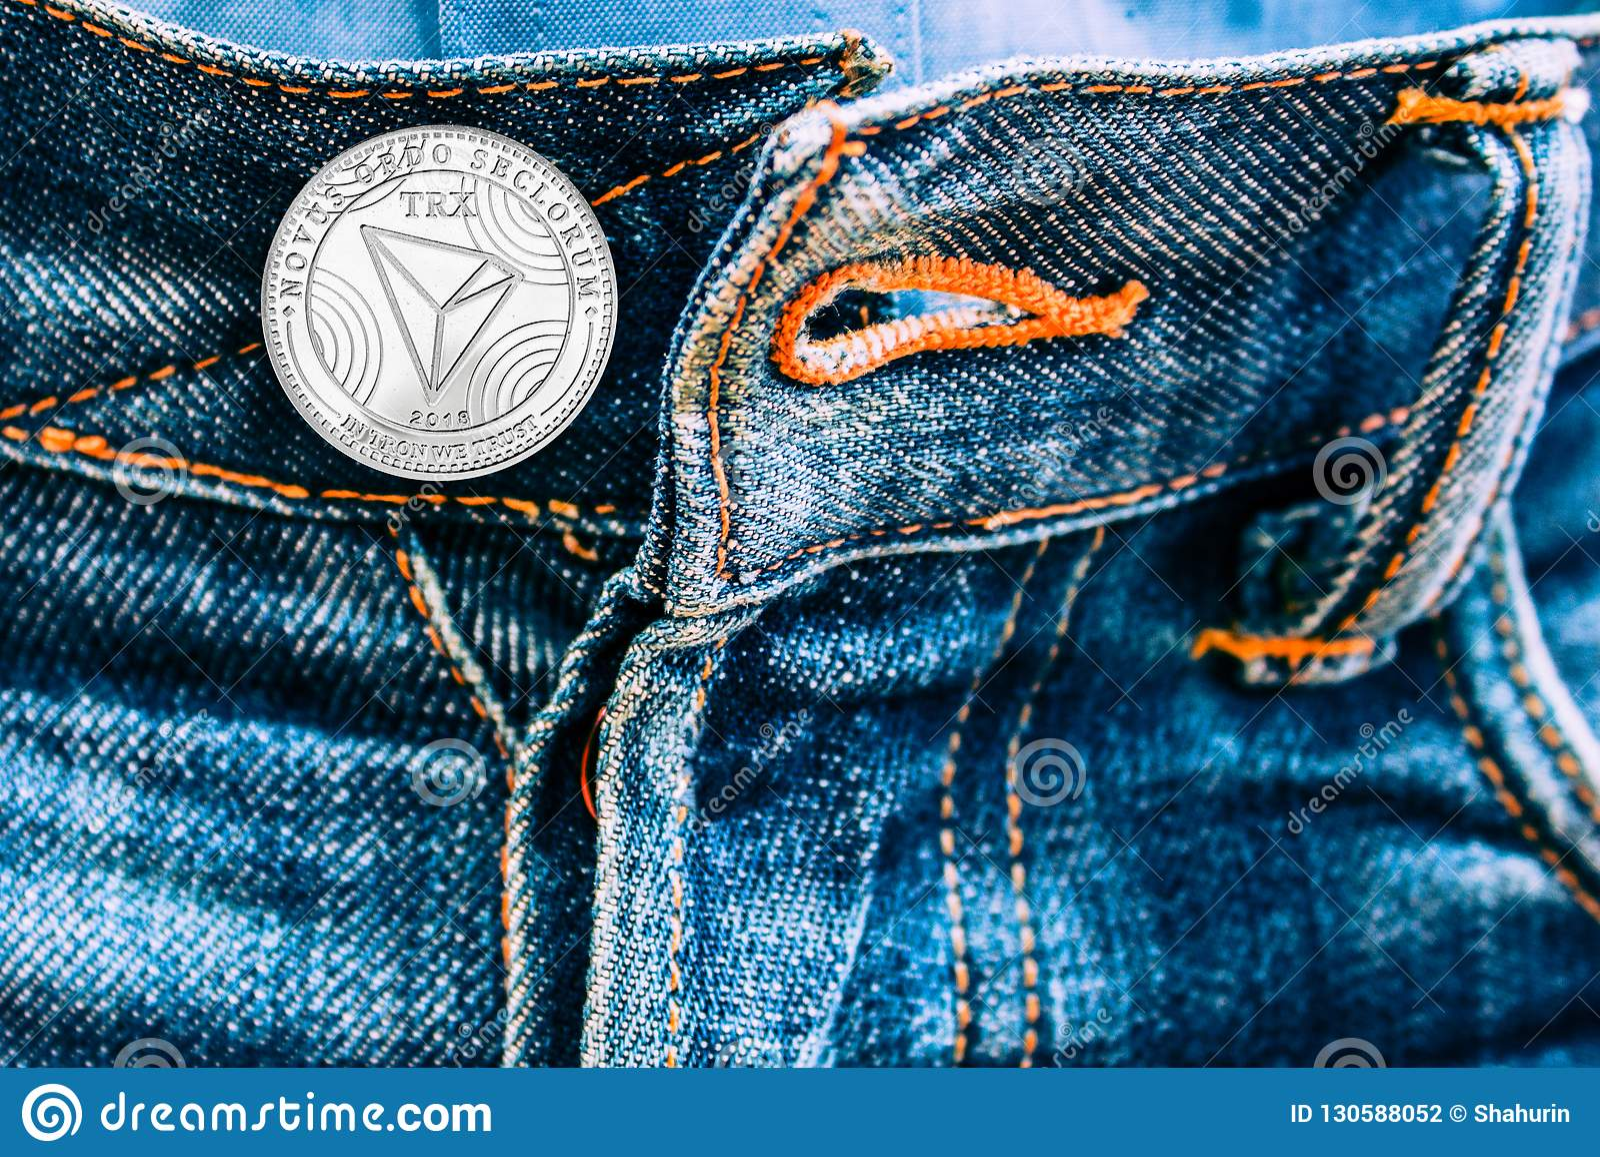 Νόμισμα Trx αντί των κουμπιών στα τζιν